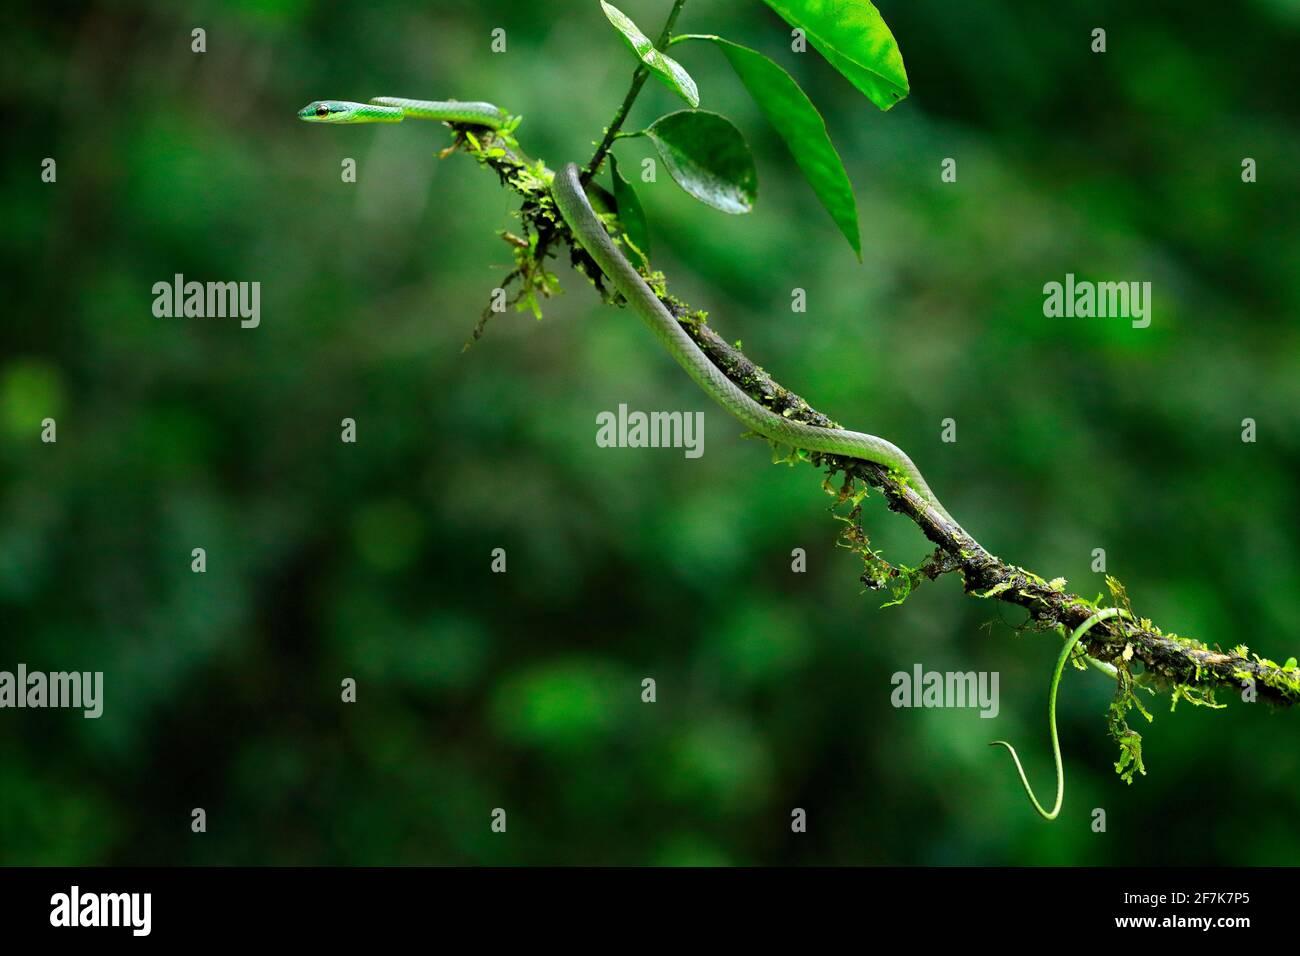 Oxybelis brevirostris, il serpente di pino corto-noosed di Cope, serpente rosso nella vegetazione verde. Foresta rettile in habitat, sul ramo albero, Costa Rica. Wi Foto Stock